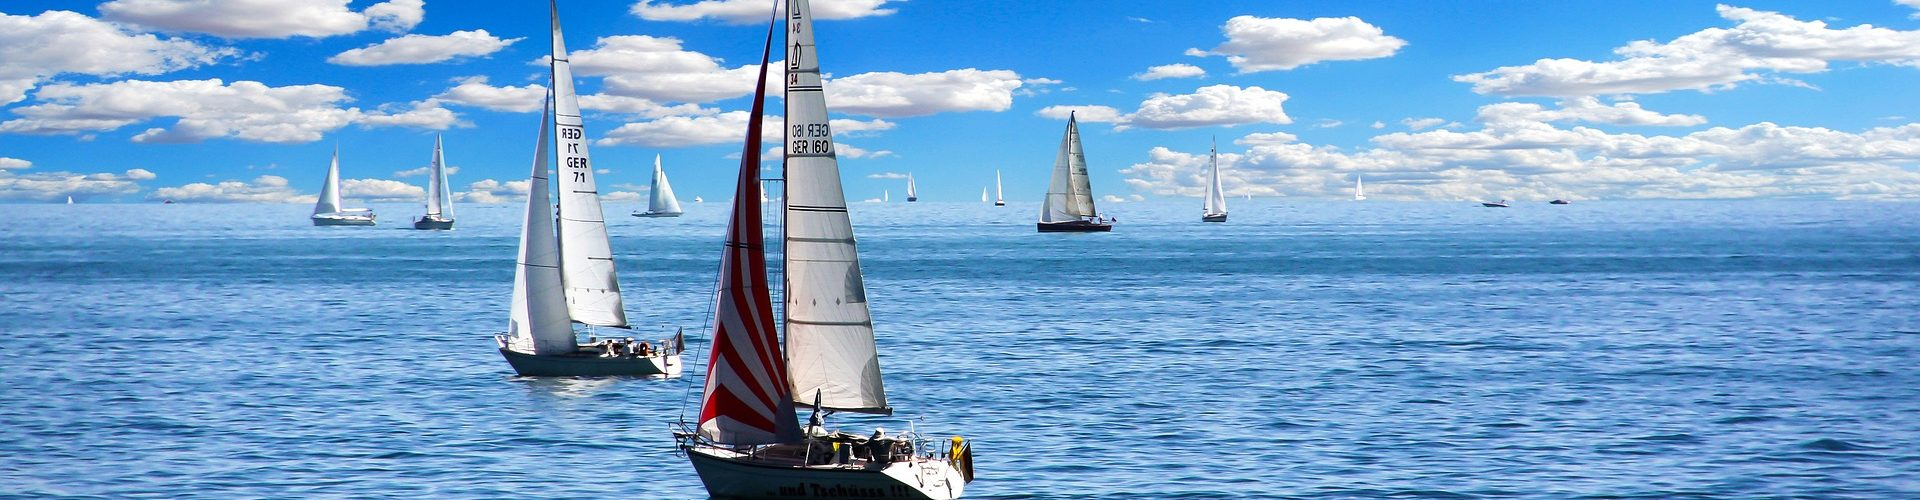 segeln lernen in Kamen segelschein machen in Kamen 1920x500 - Segeln lernen in Kamen